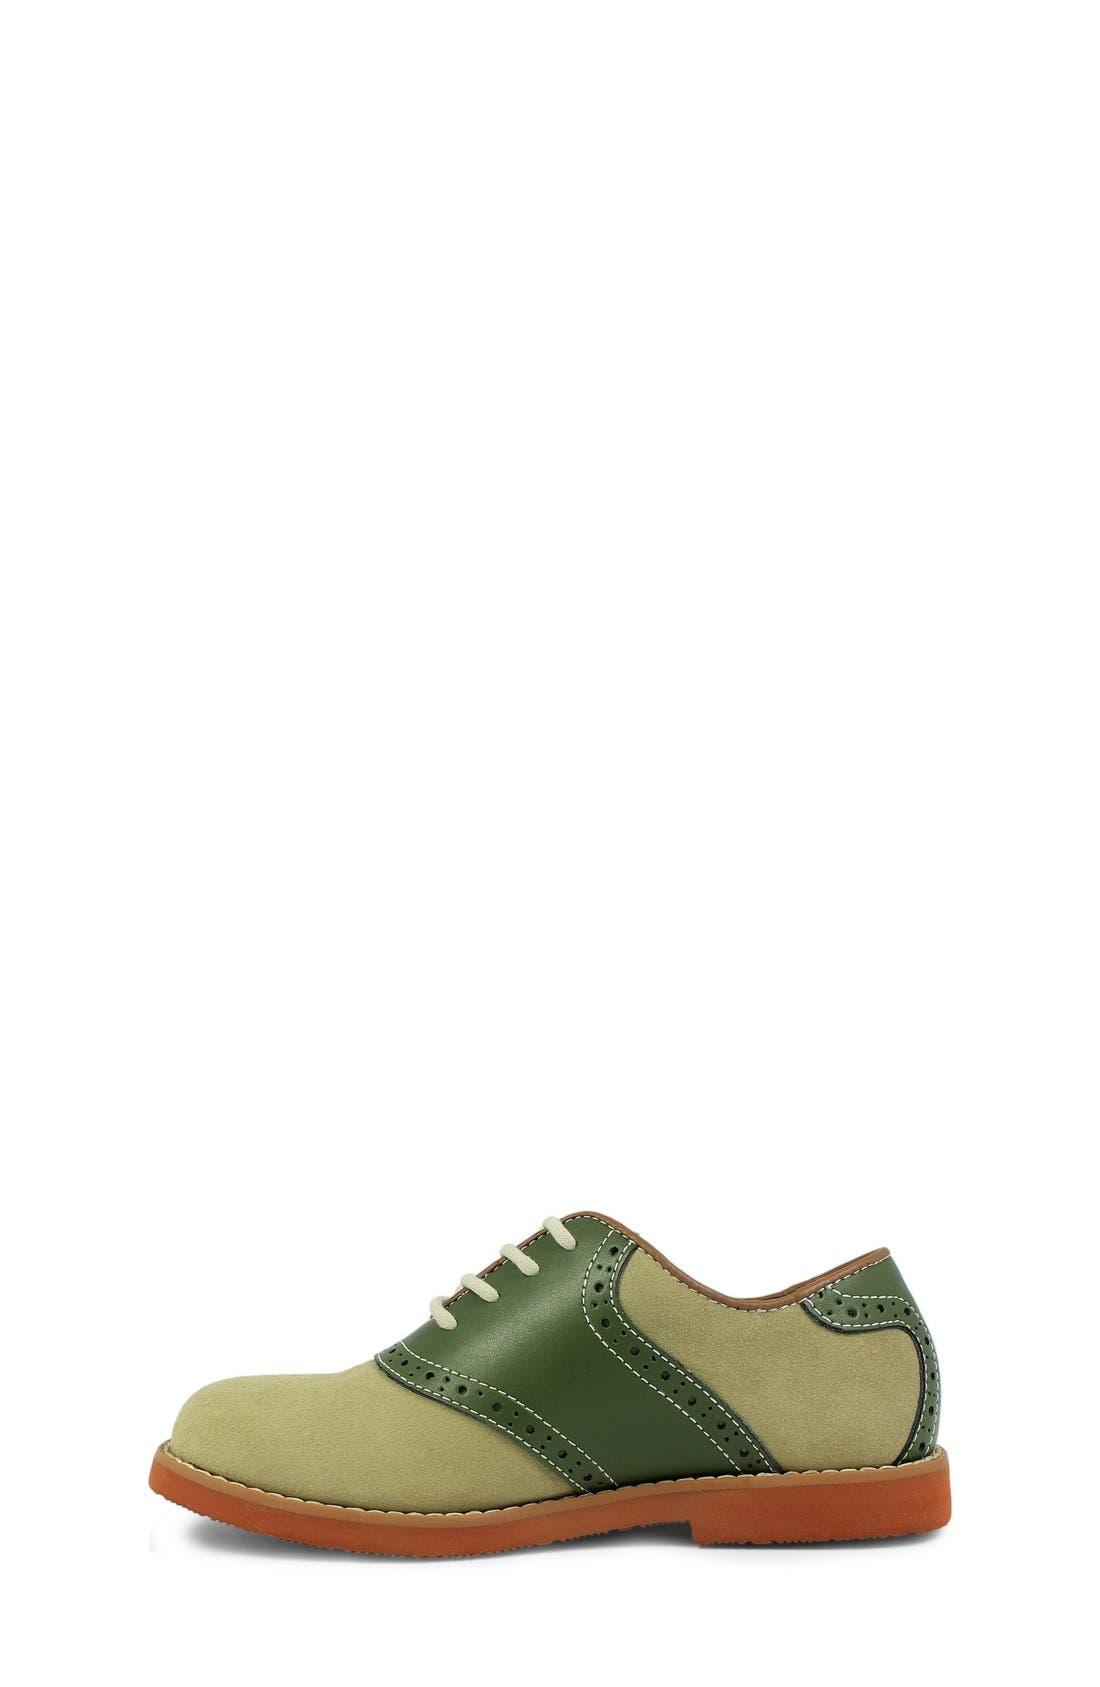 'Kennett Jr.' Saddle Shoe,                             Alternate thumbnail 2, color,                             200